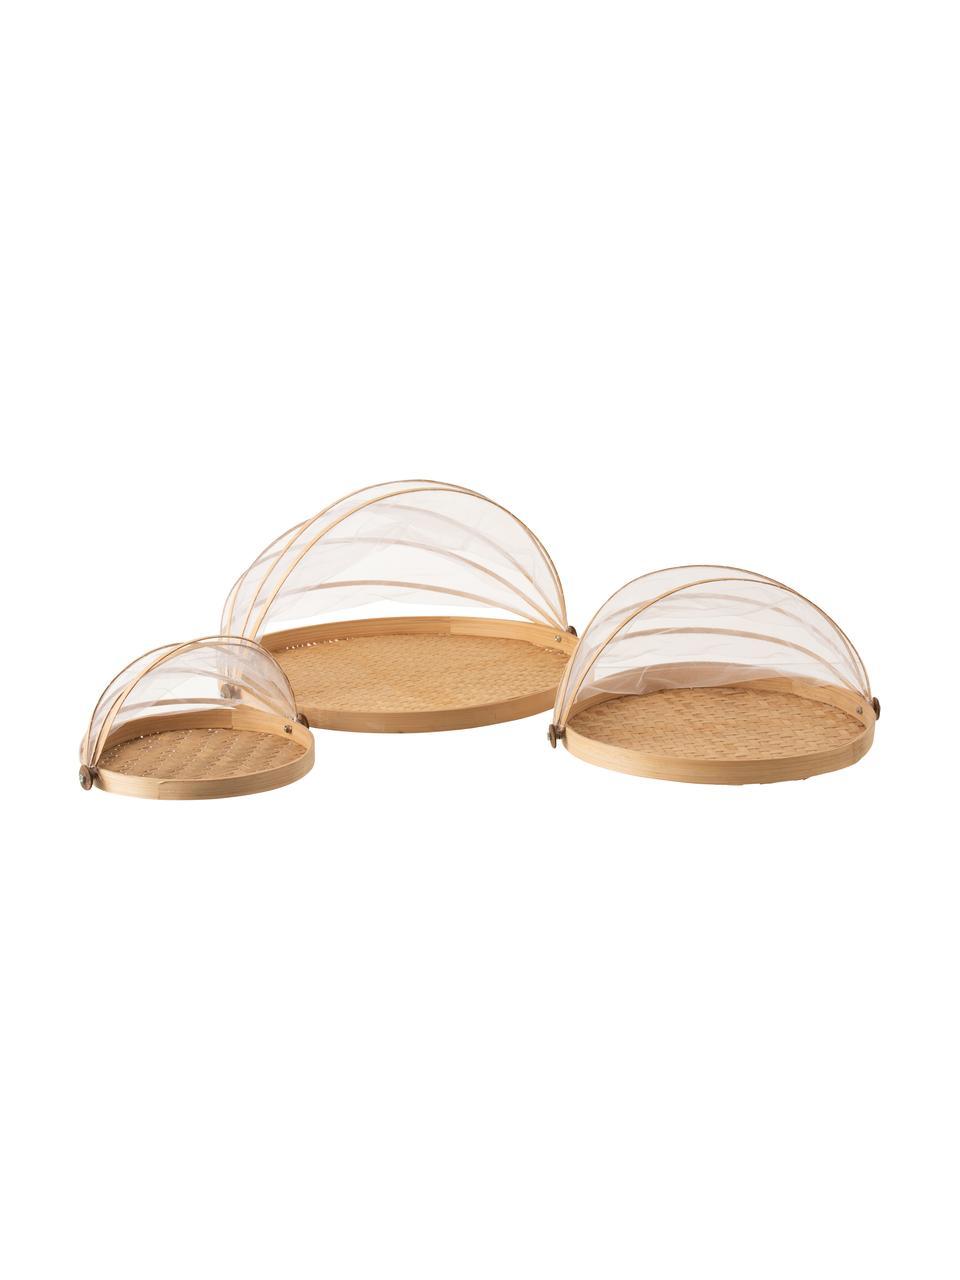 Set 3 piatti da portata in fibre naturali Genso, Bambù, canne, rattan, Rattan, Set in varie misure